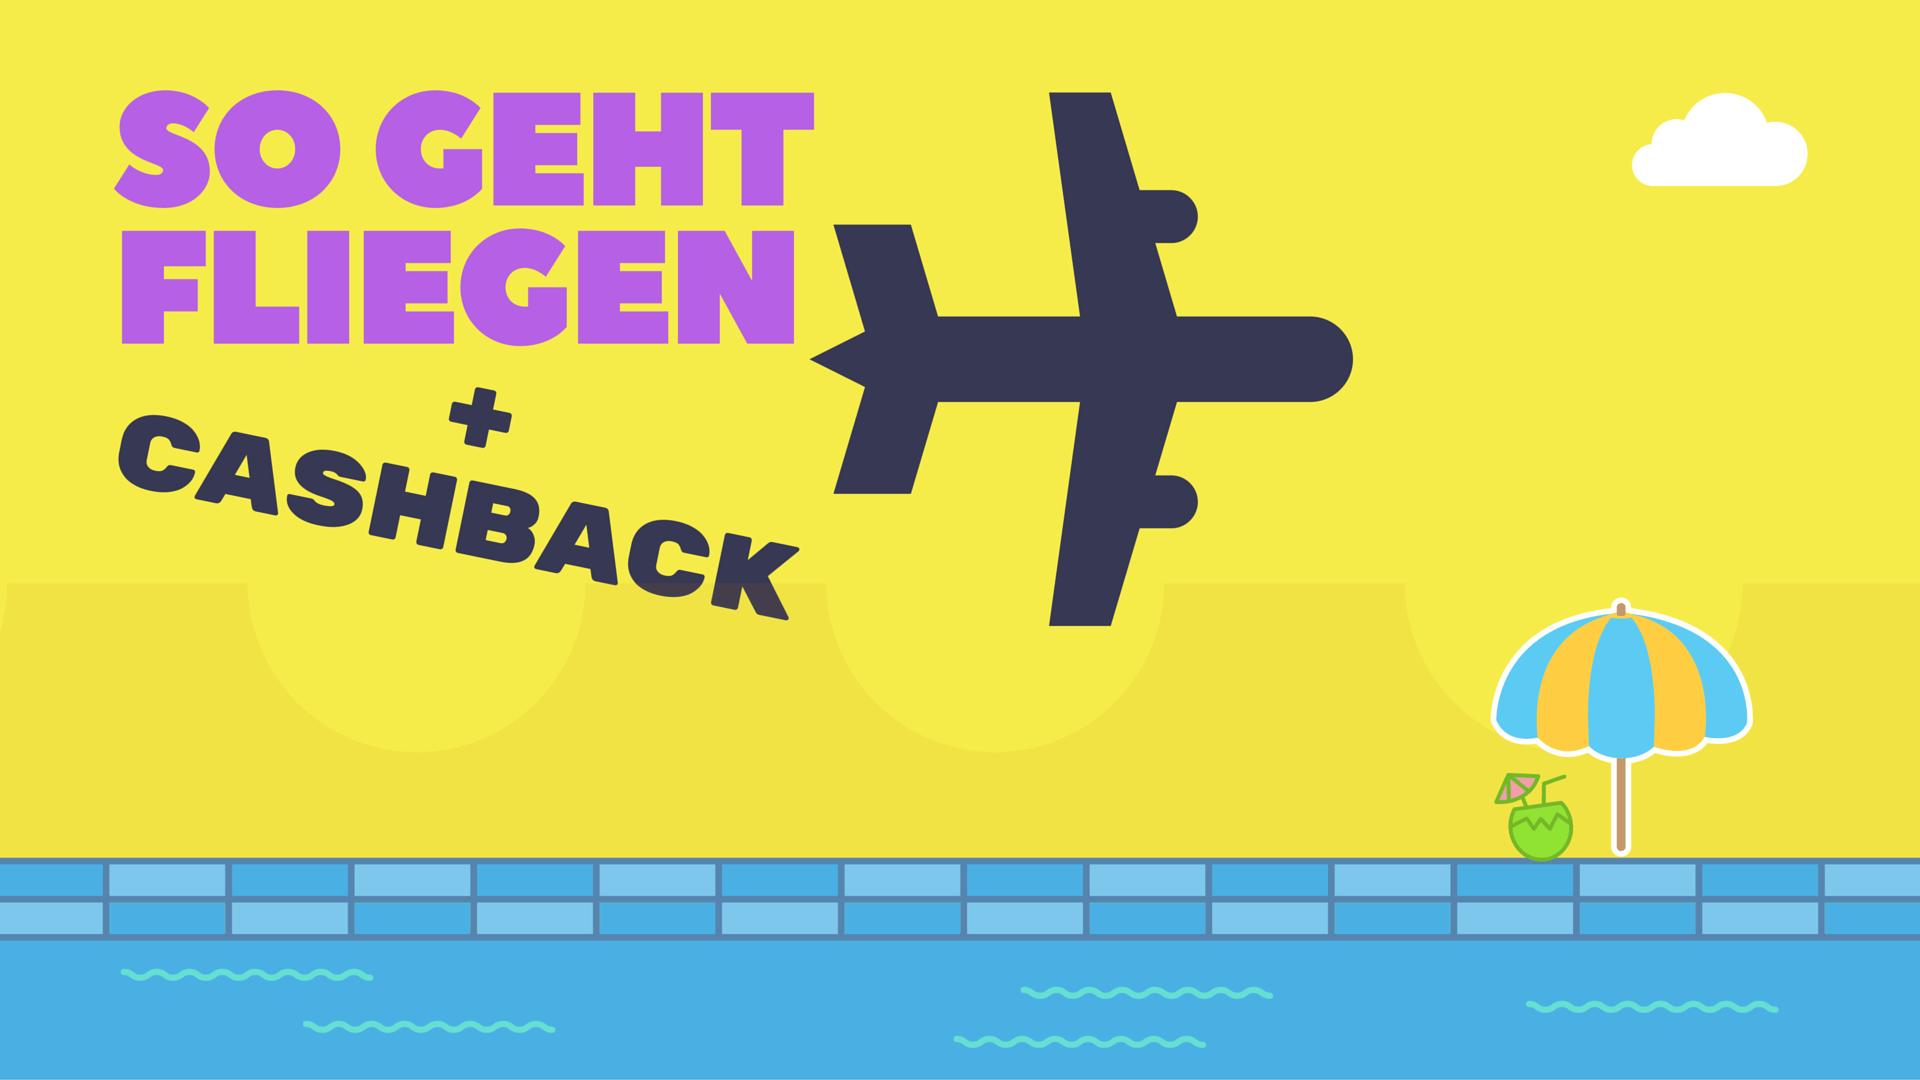 Flug Cashback auf link-o-mat